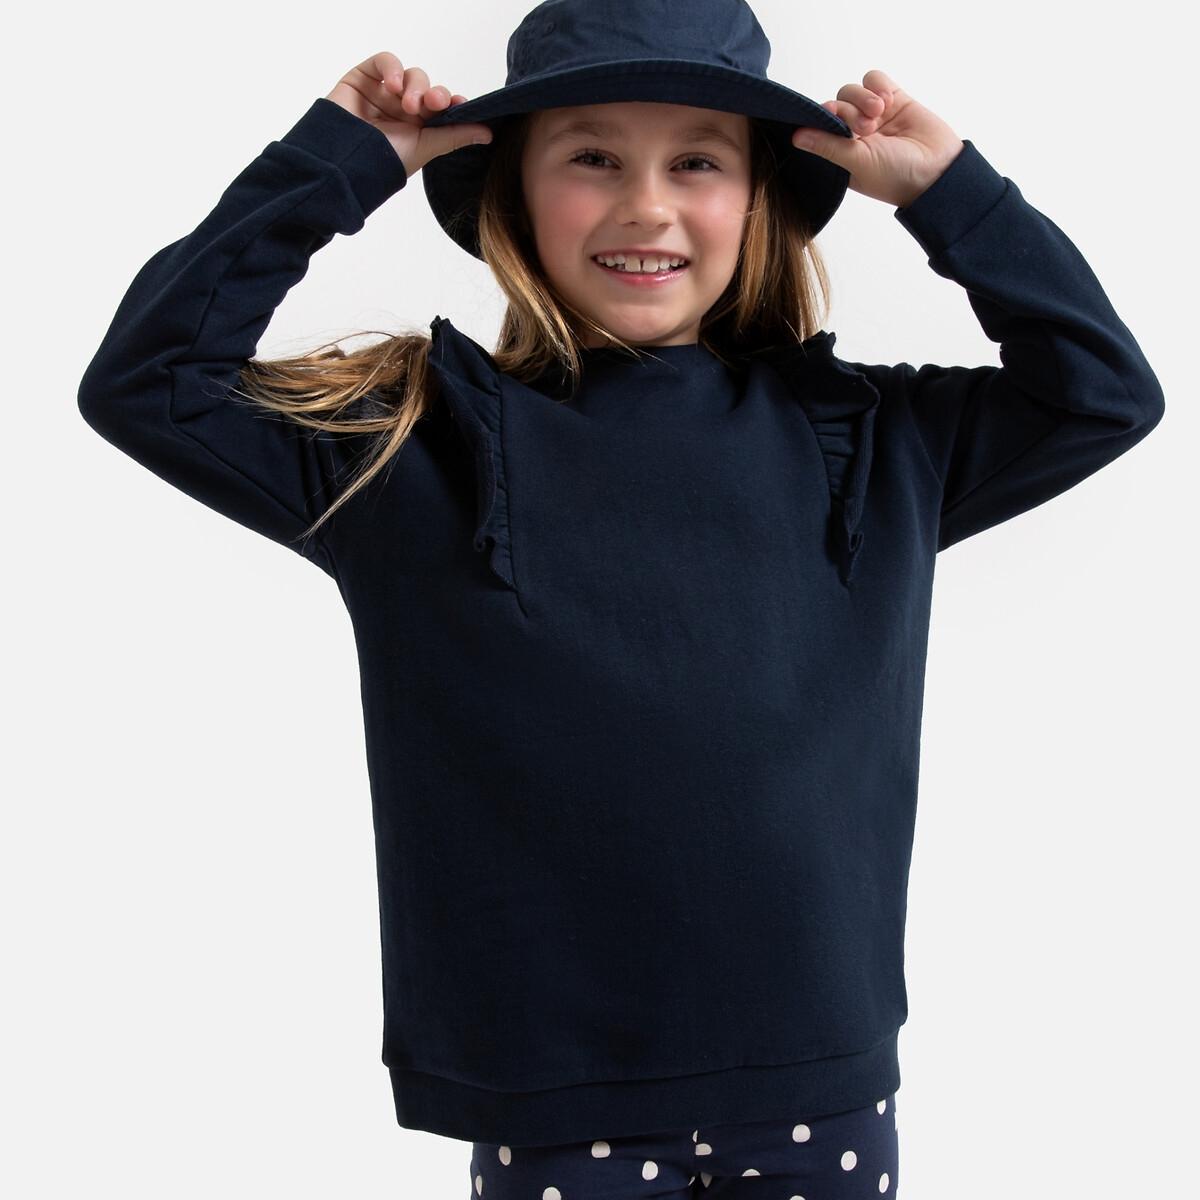 Свитшот LaRedoute С круглым вырезом и воланами на плечах 3-12 лет 8 лет - 126 см синий платье la redoute расклешенное на тонких бретелях с рисунком 3 12 лет 8 лет 126 см розовый